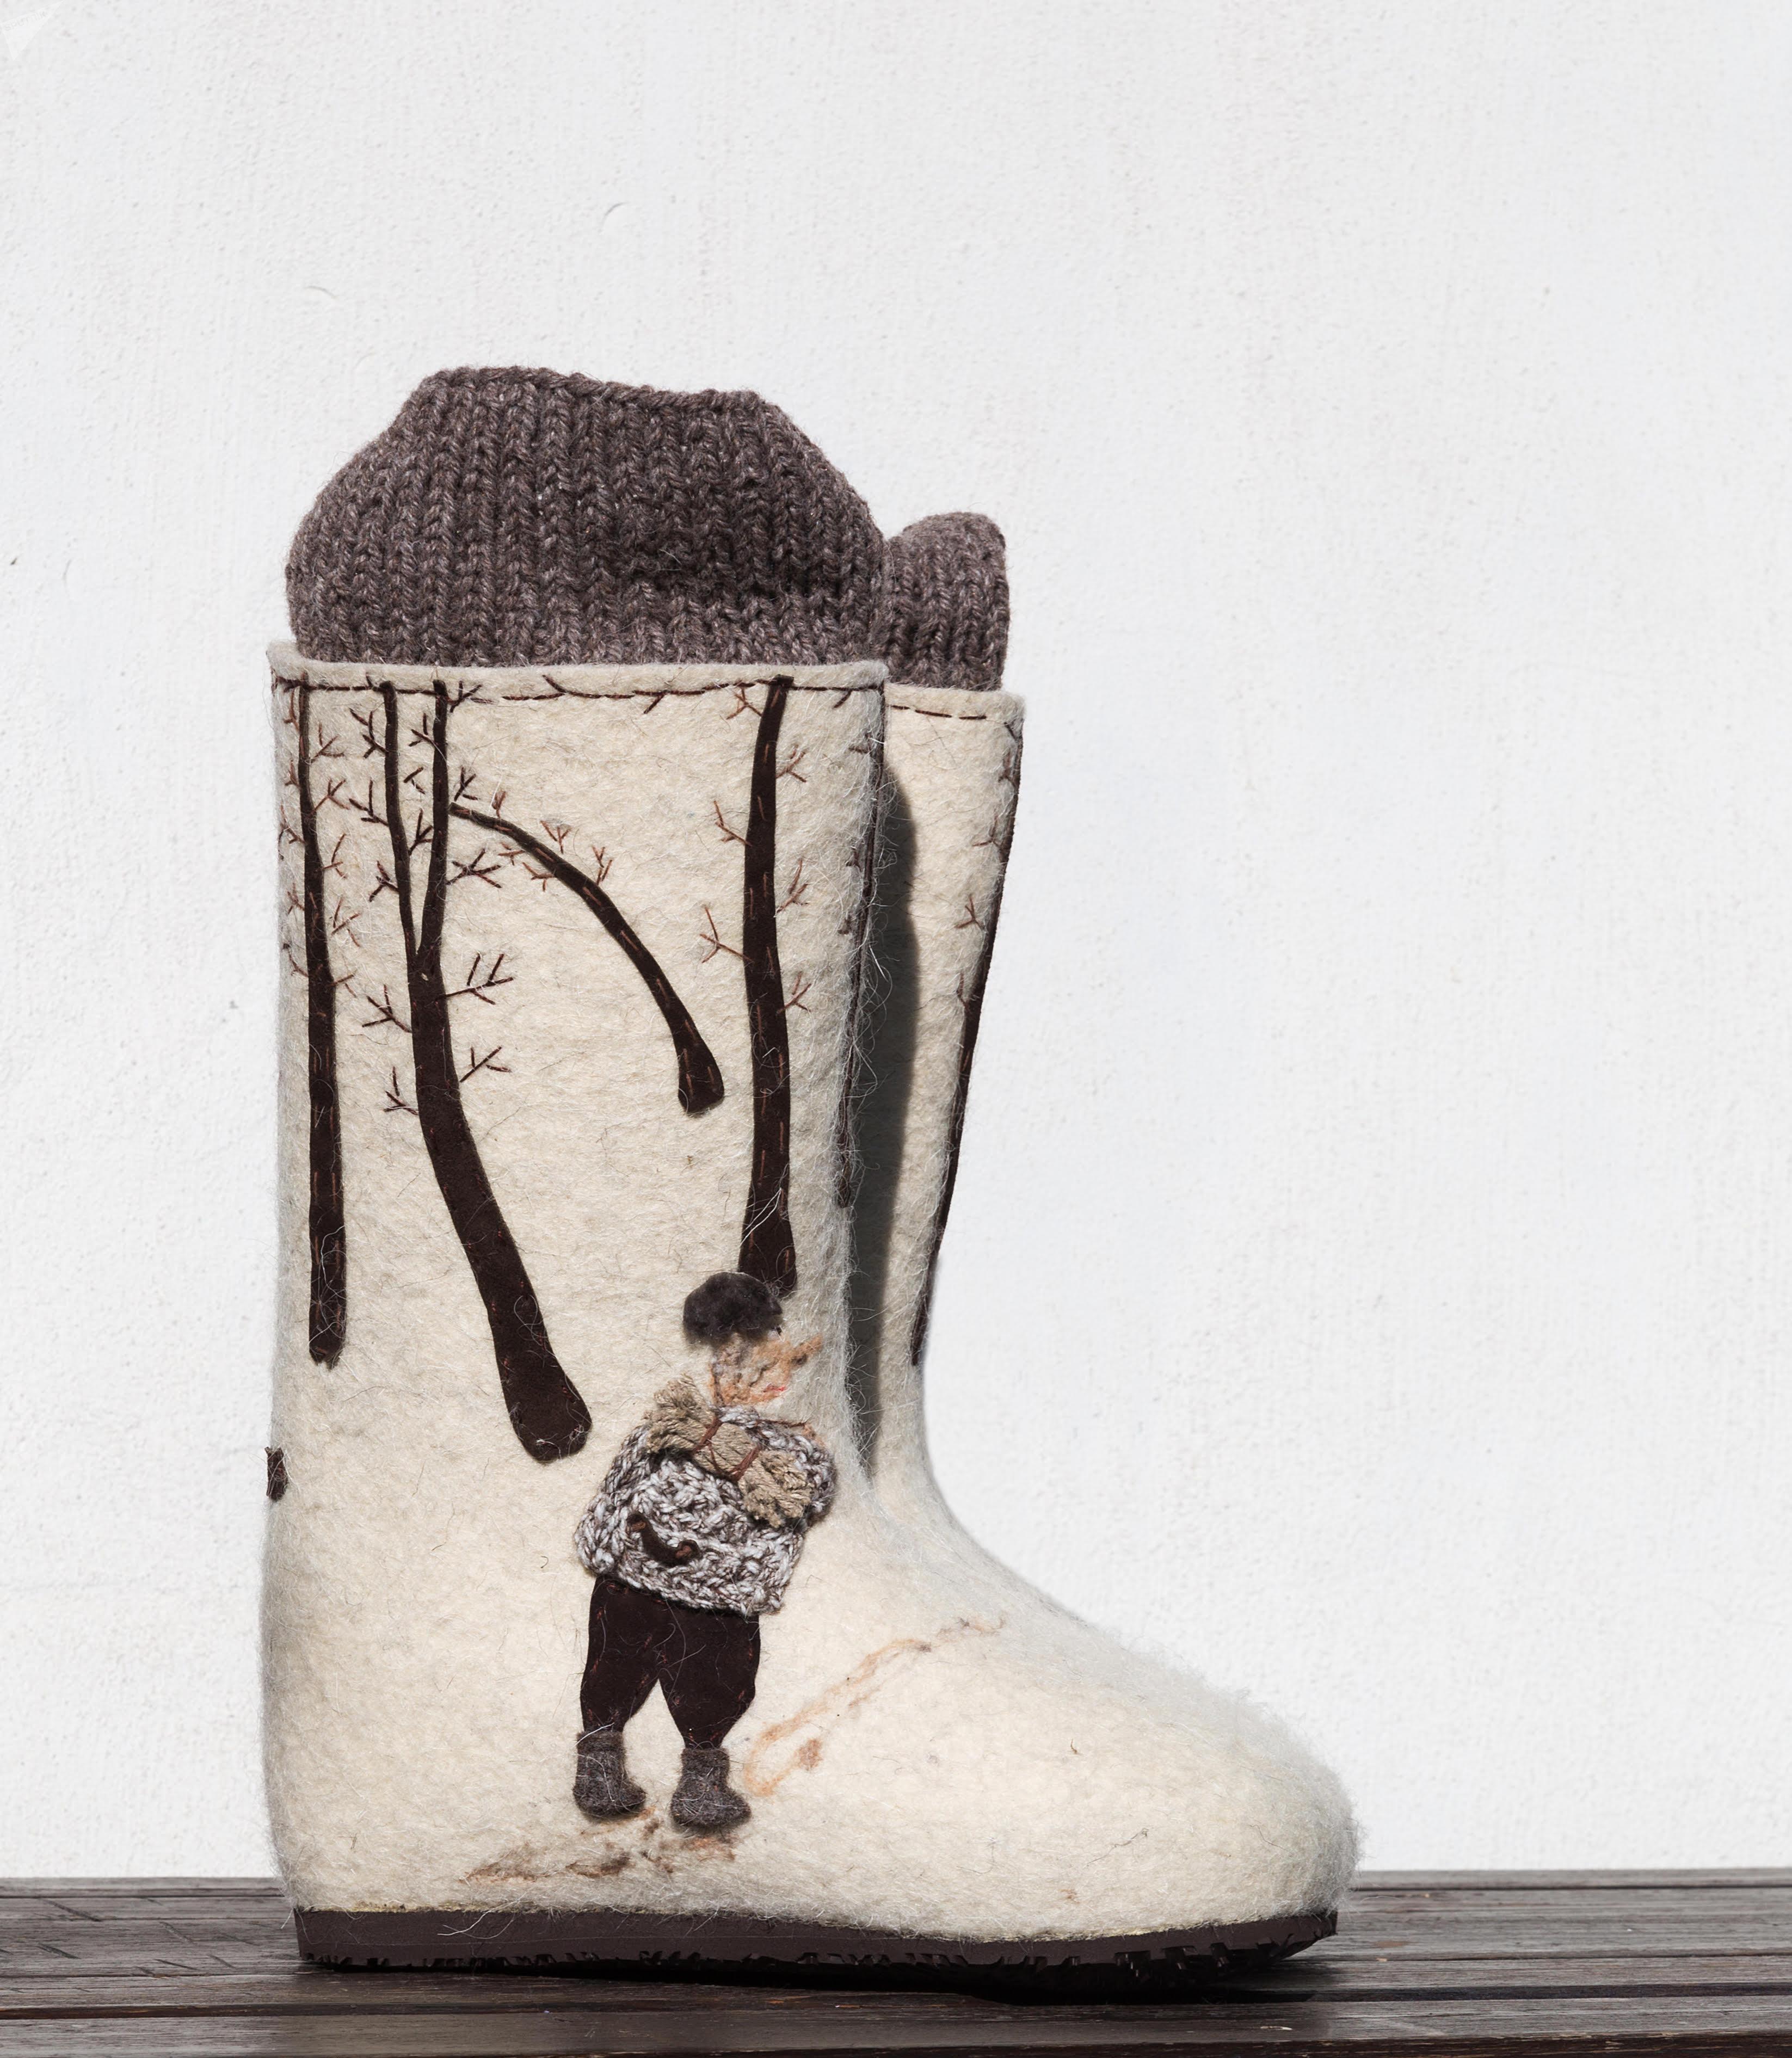 Валенки по мотивам картины белорусского художника Валентина Губарева